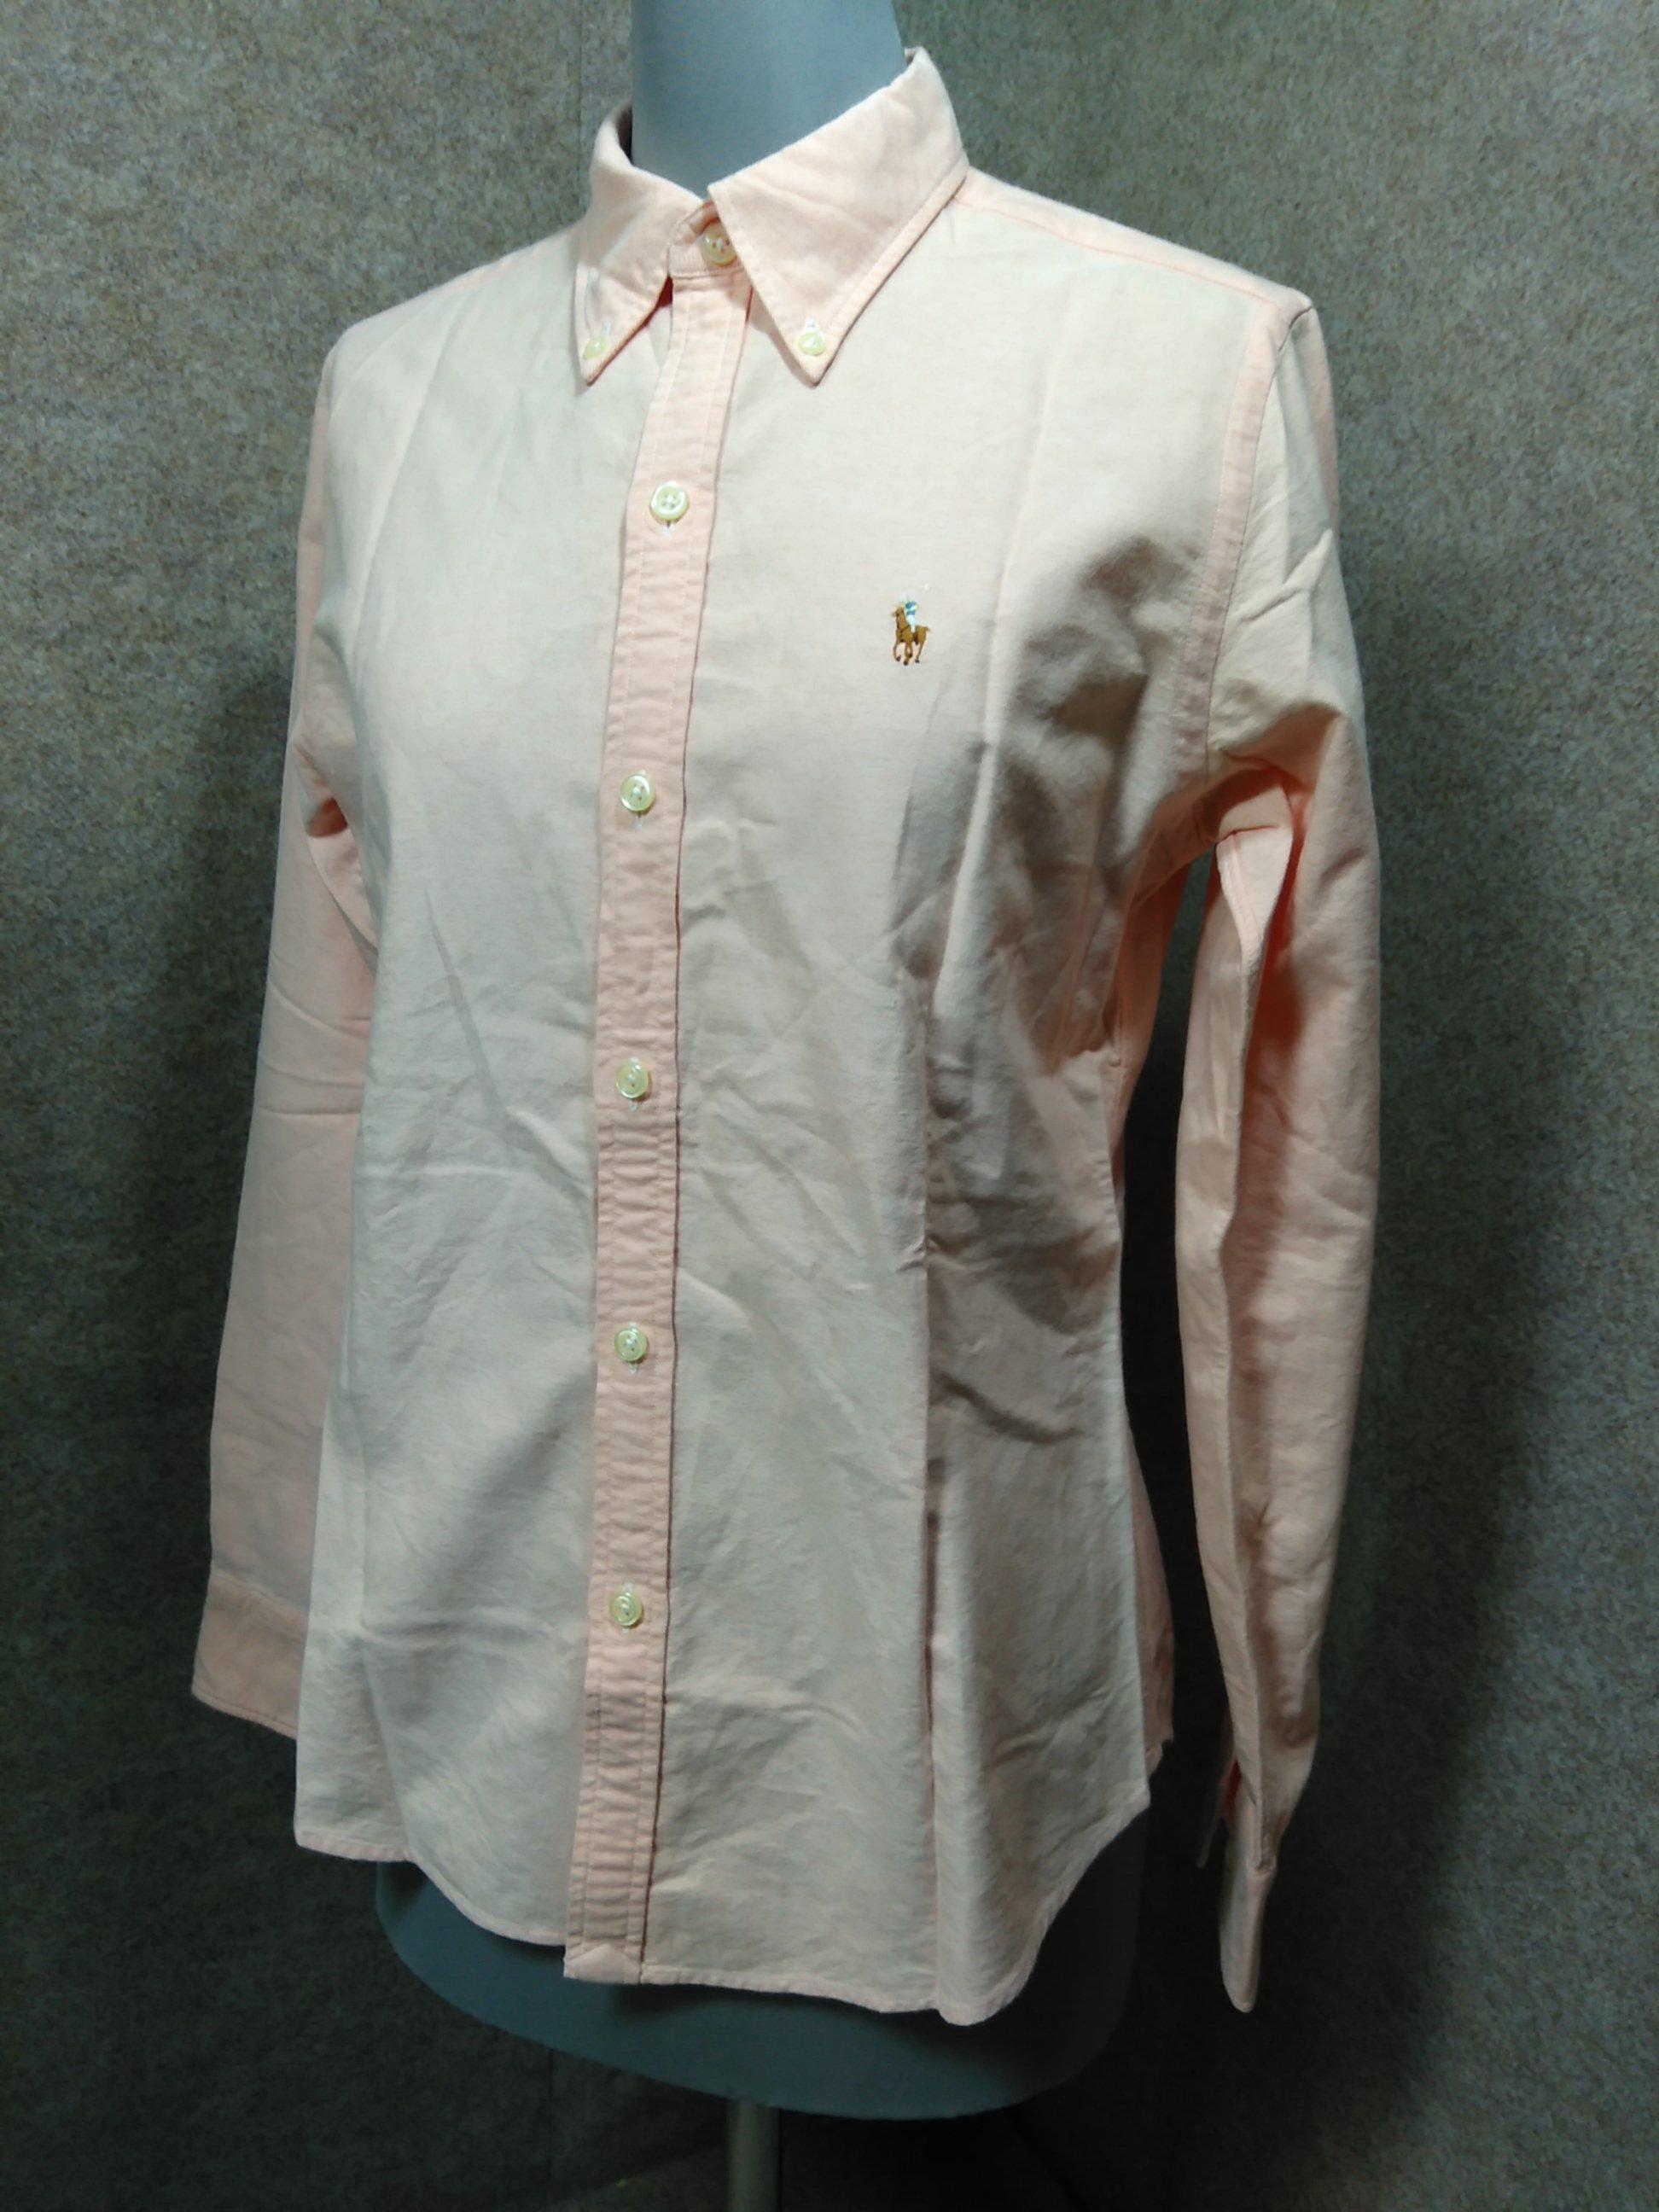 ラルフローレン 長袖 ボタンダウンシャツ 7号 サーモンピンク mu755e